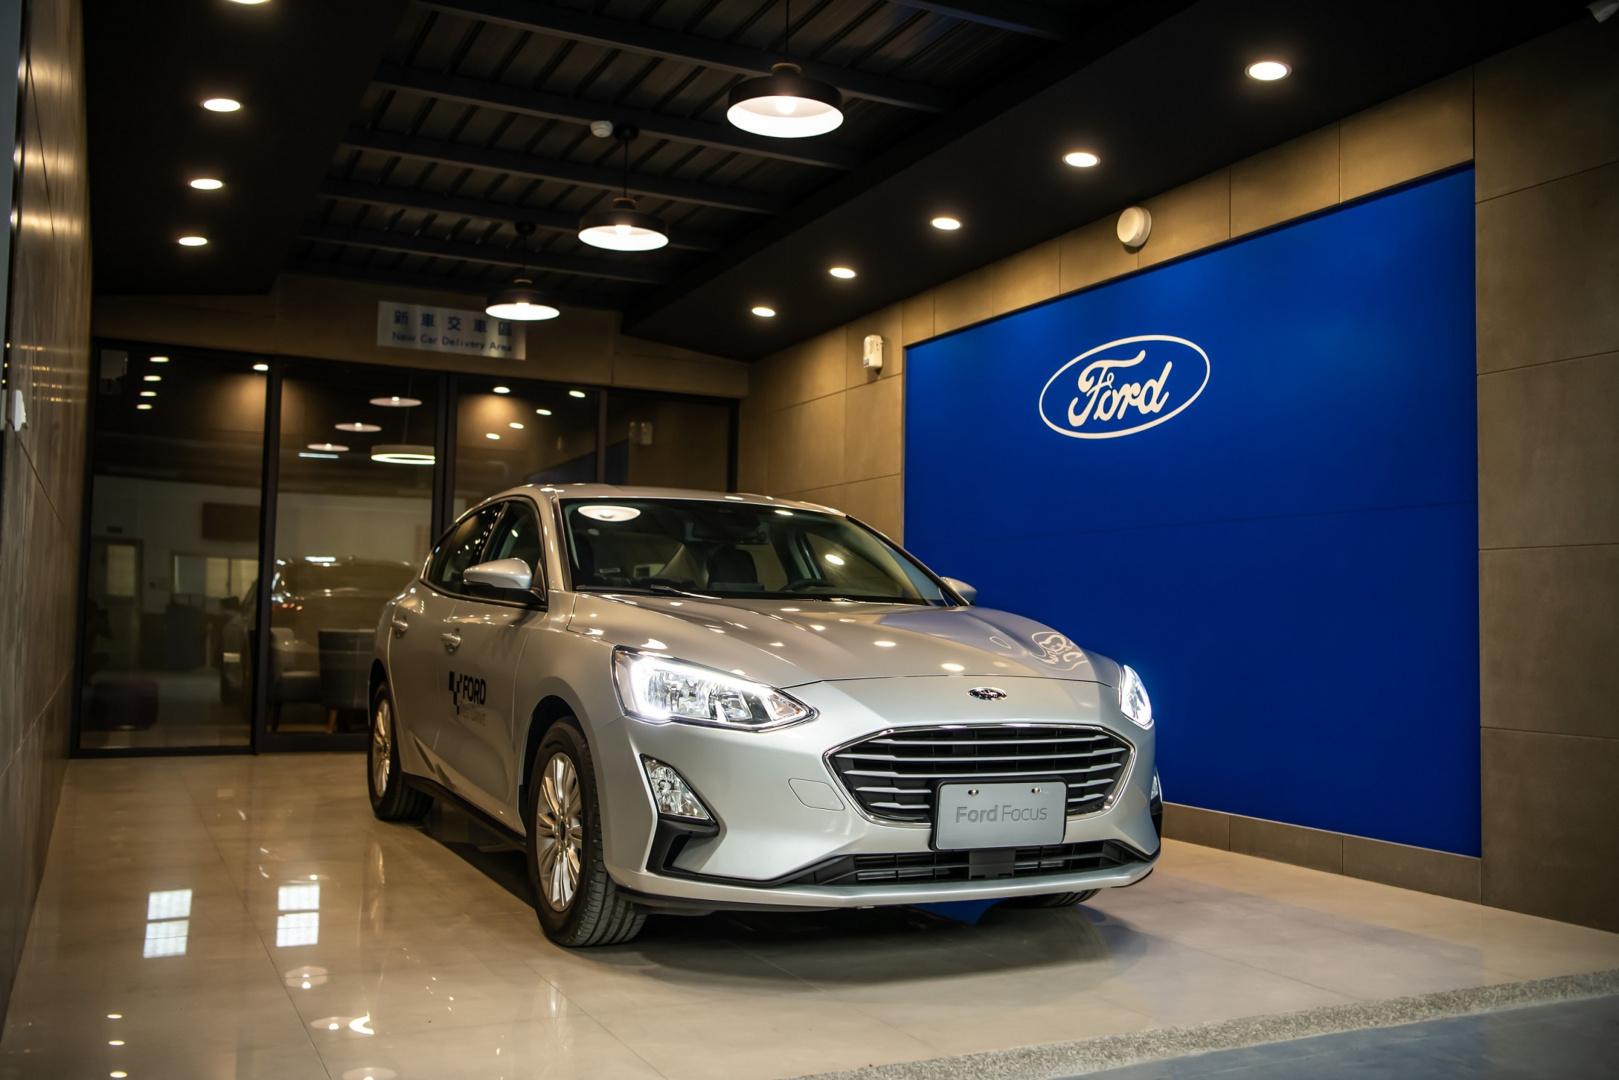 SMALL_【圖九】Ford瑞特汽車嘉義據點帶來升級嶄新風貌_2